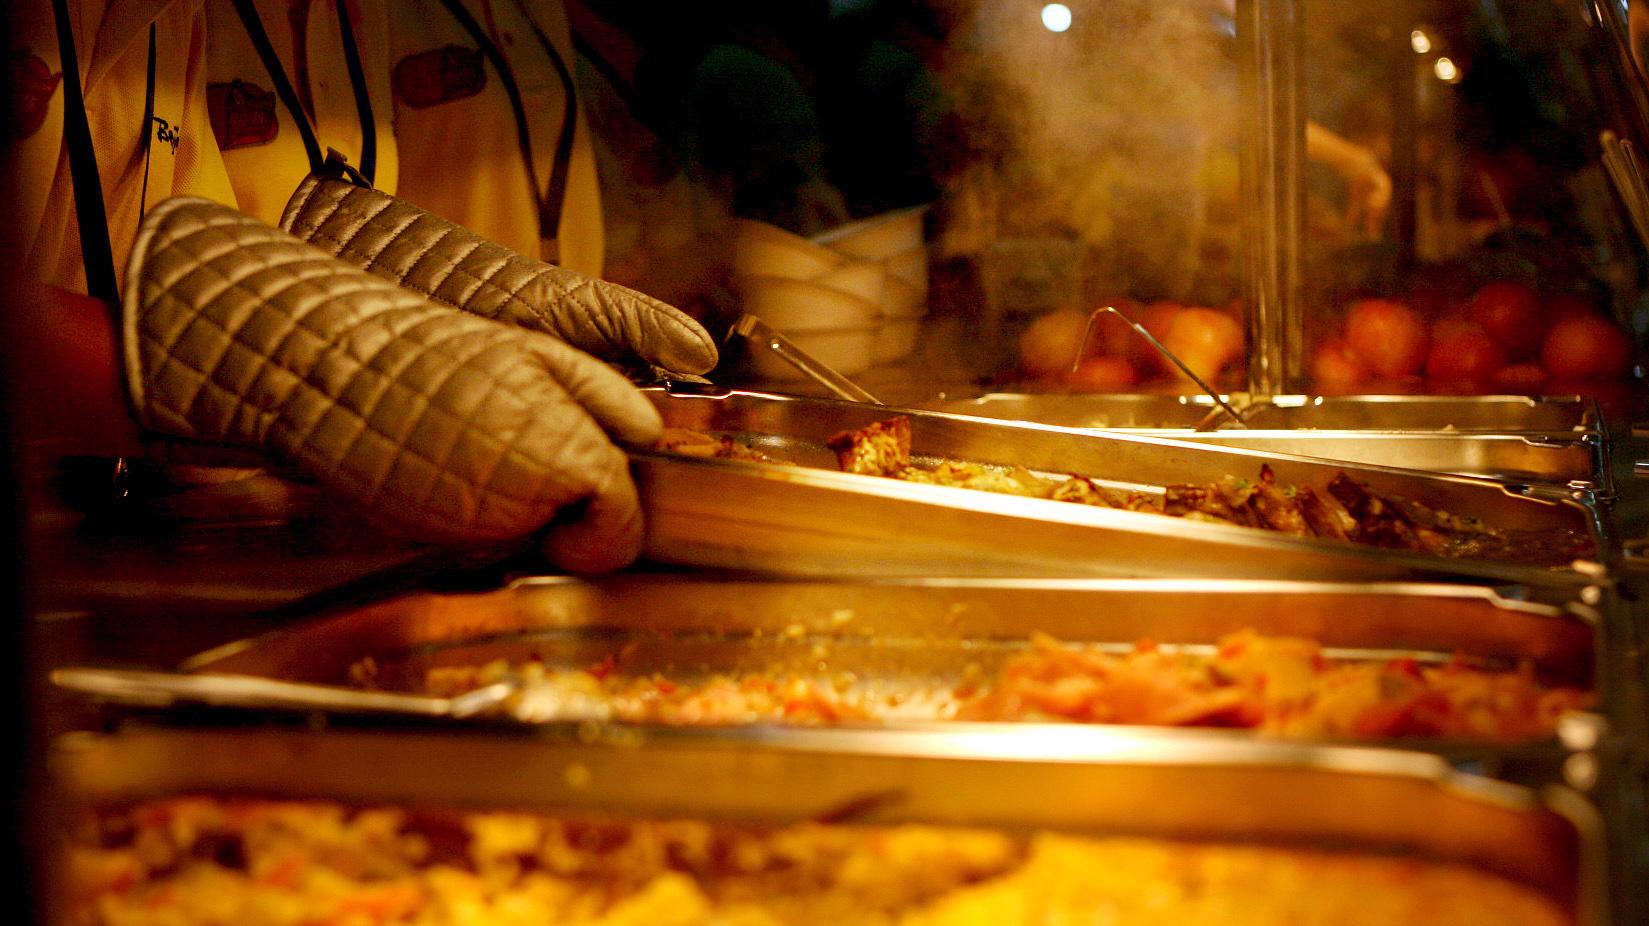 """在不少人的记忆里,曾经藏着这样的一道美味的""""零食""""——猪油渣。她清楚记得,改革开放之初,大家买肉都愿意买肥肉,回来后好炼油炒菜,剩下的油渣就成了孩子们难得的美食。改革开放四十年,随着生活水平的不断提高,餐桌上也发生了翻天覆地的变化,油渣这个当年的美食已经在很多家庭的餐桌上消失了,大家倾向的已不仅仅是""""吃的饱"""",更要""""吃的好""""""""吃的安心。"""""""